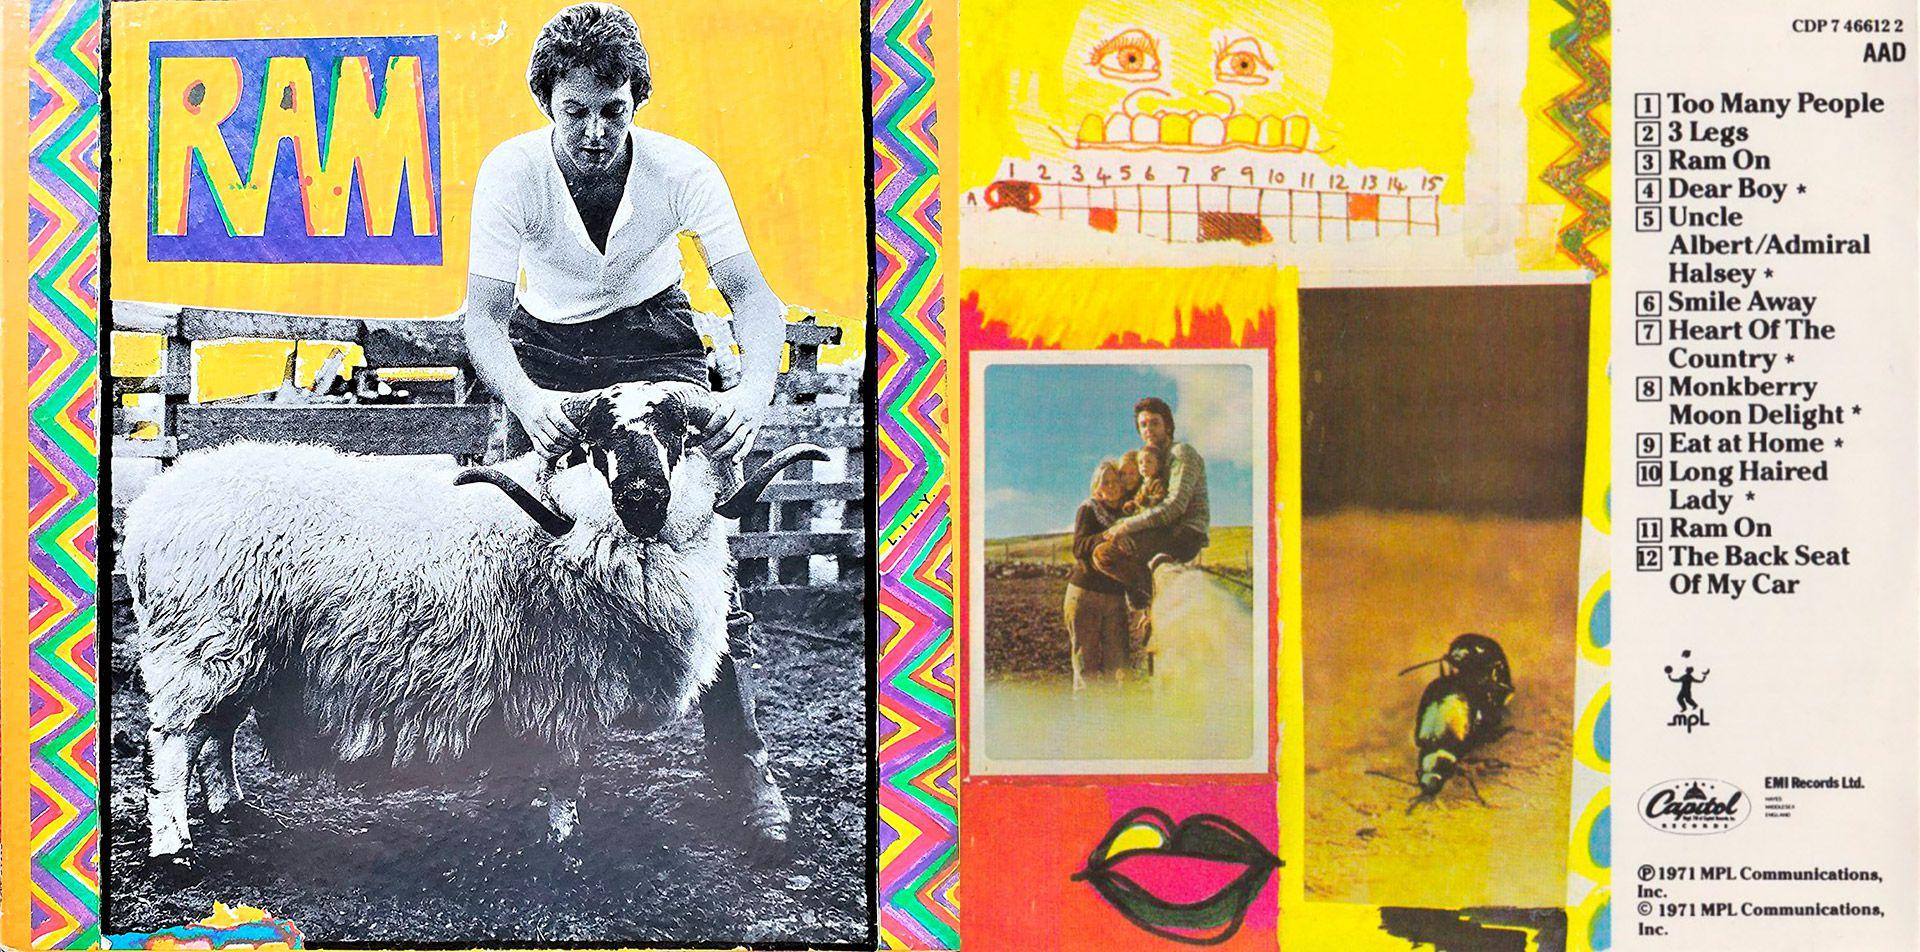 Ram de Paul McCartney